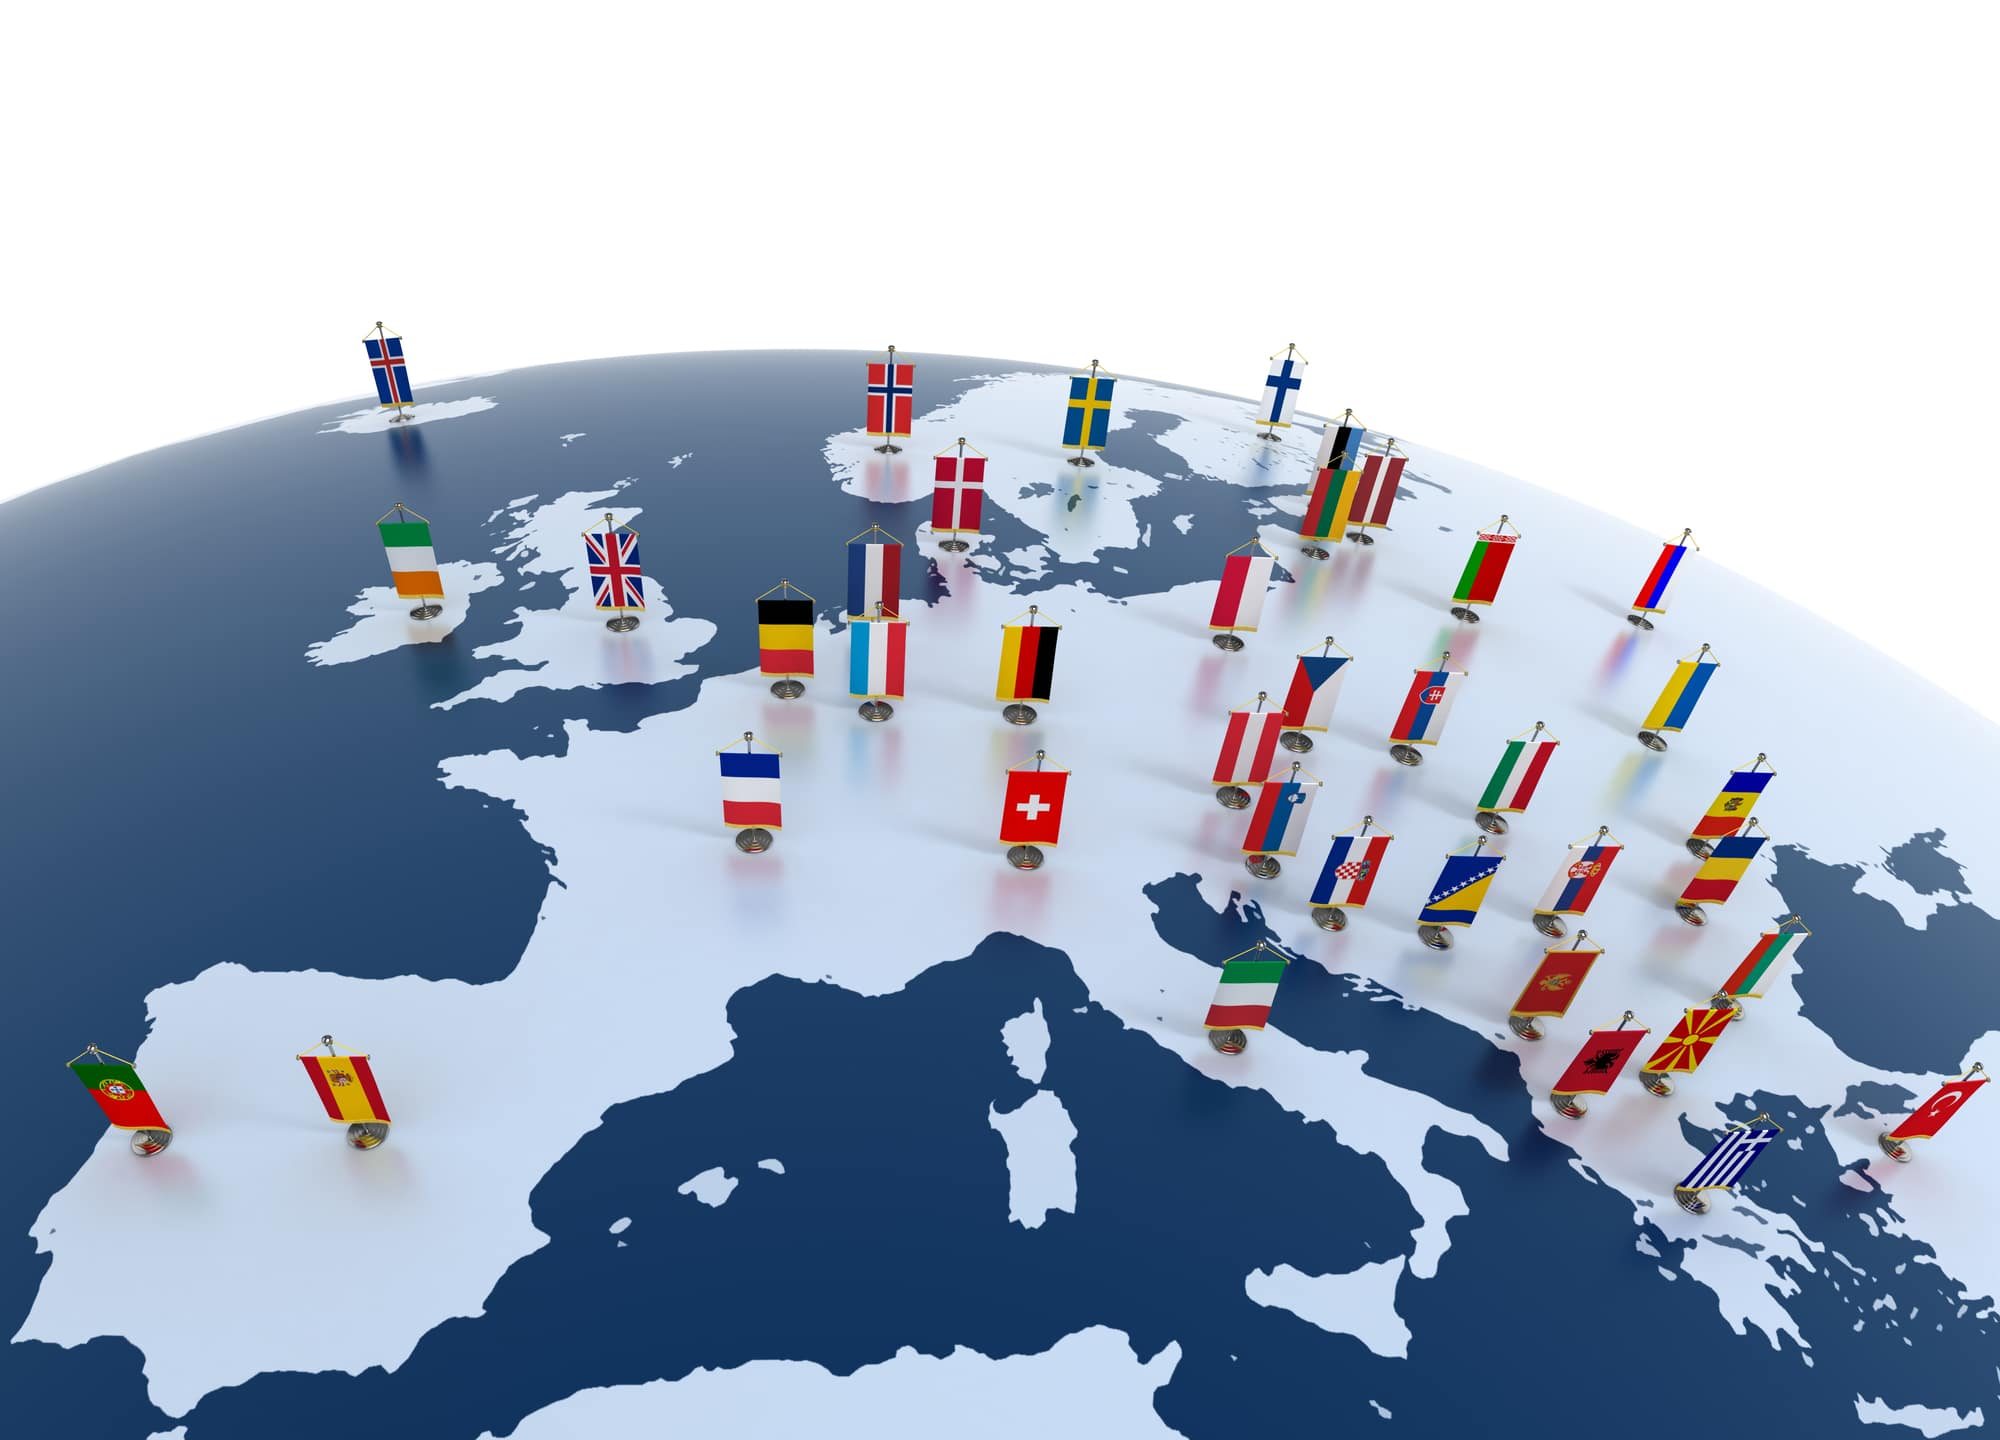 ТОП-5 стран, где можно получить ВНЖ через инвестиции в 2020 году